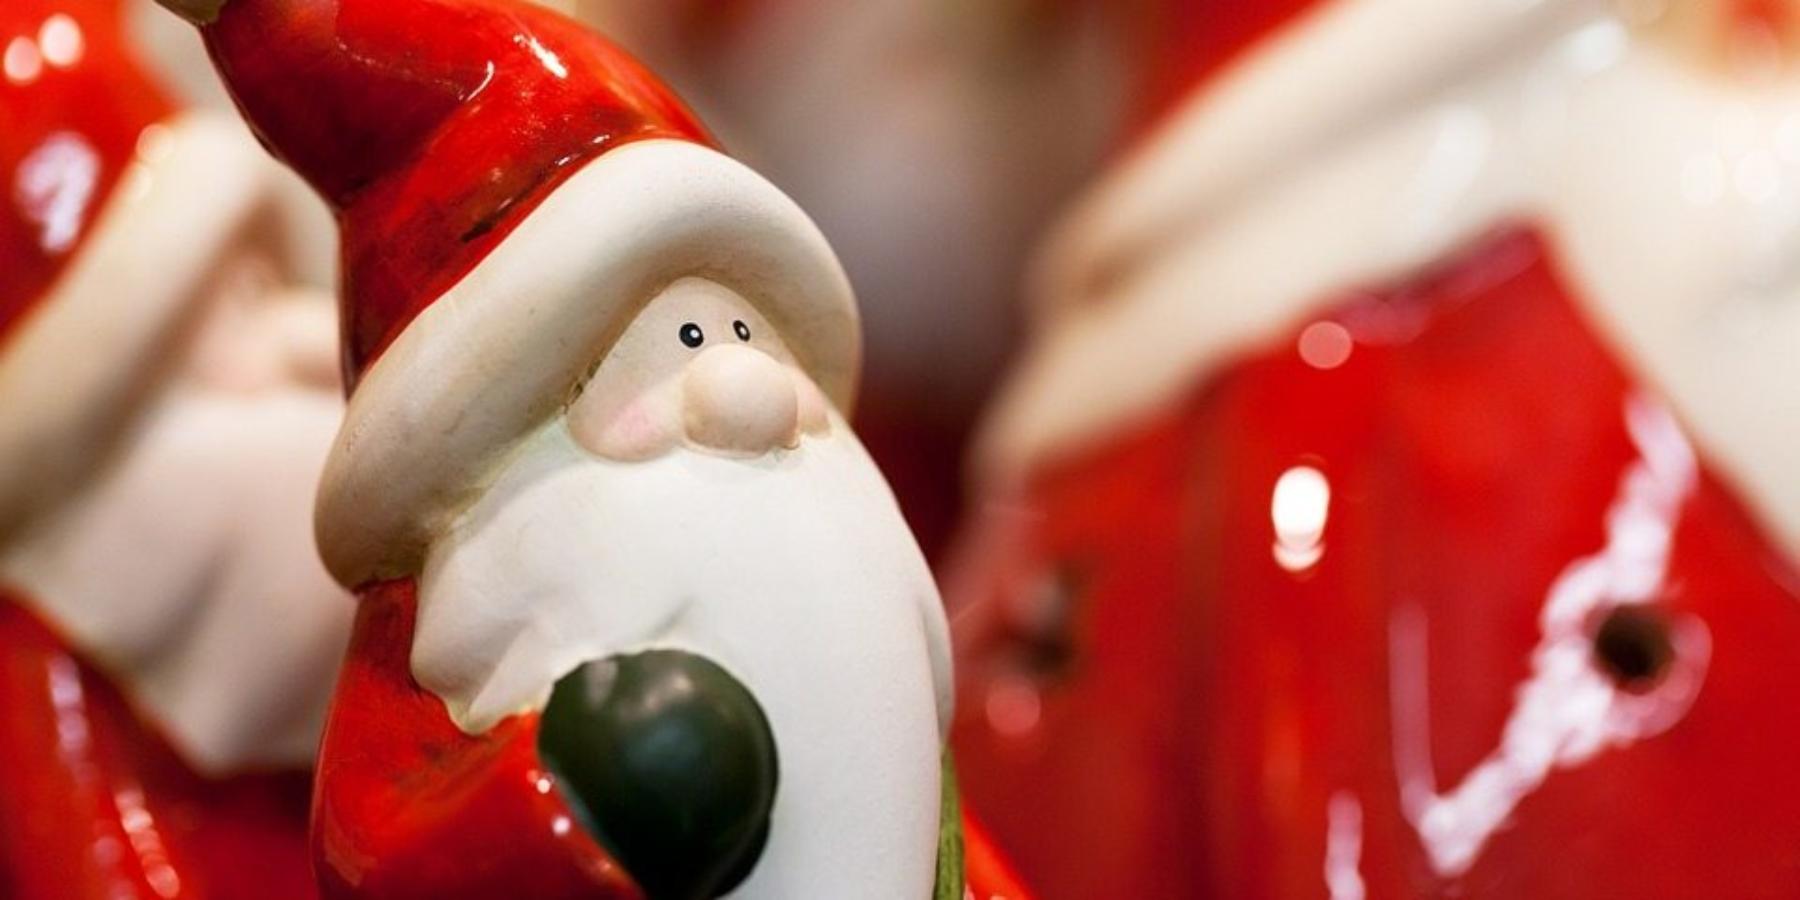 Czego może nauczyć Cię Święty Mikołaj oe-mail marketingu?